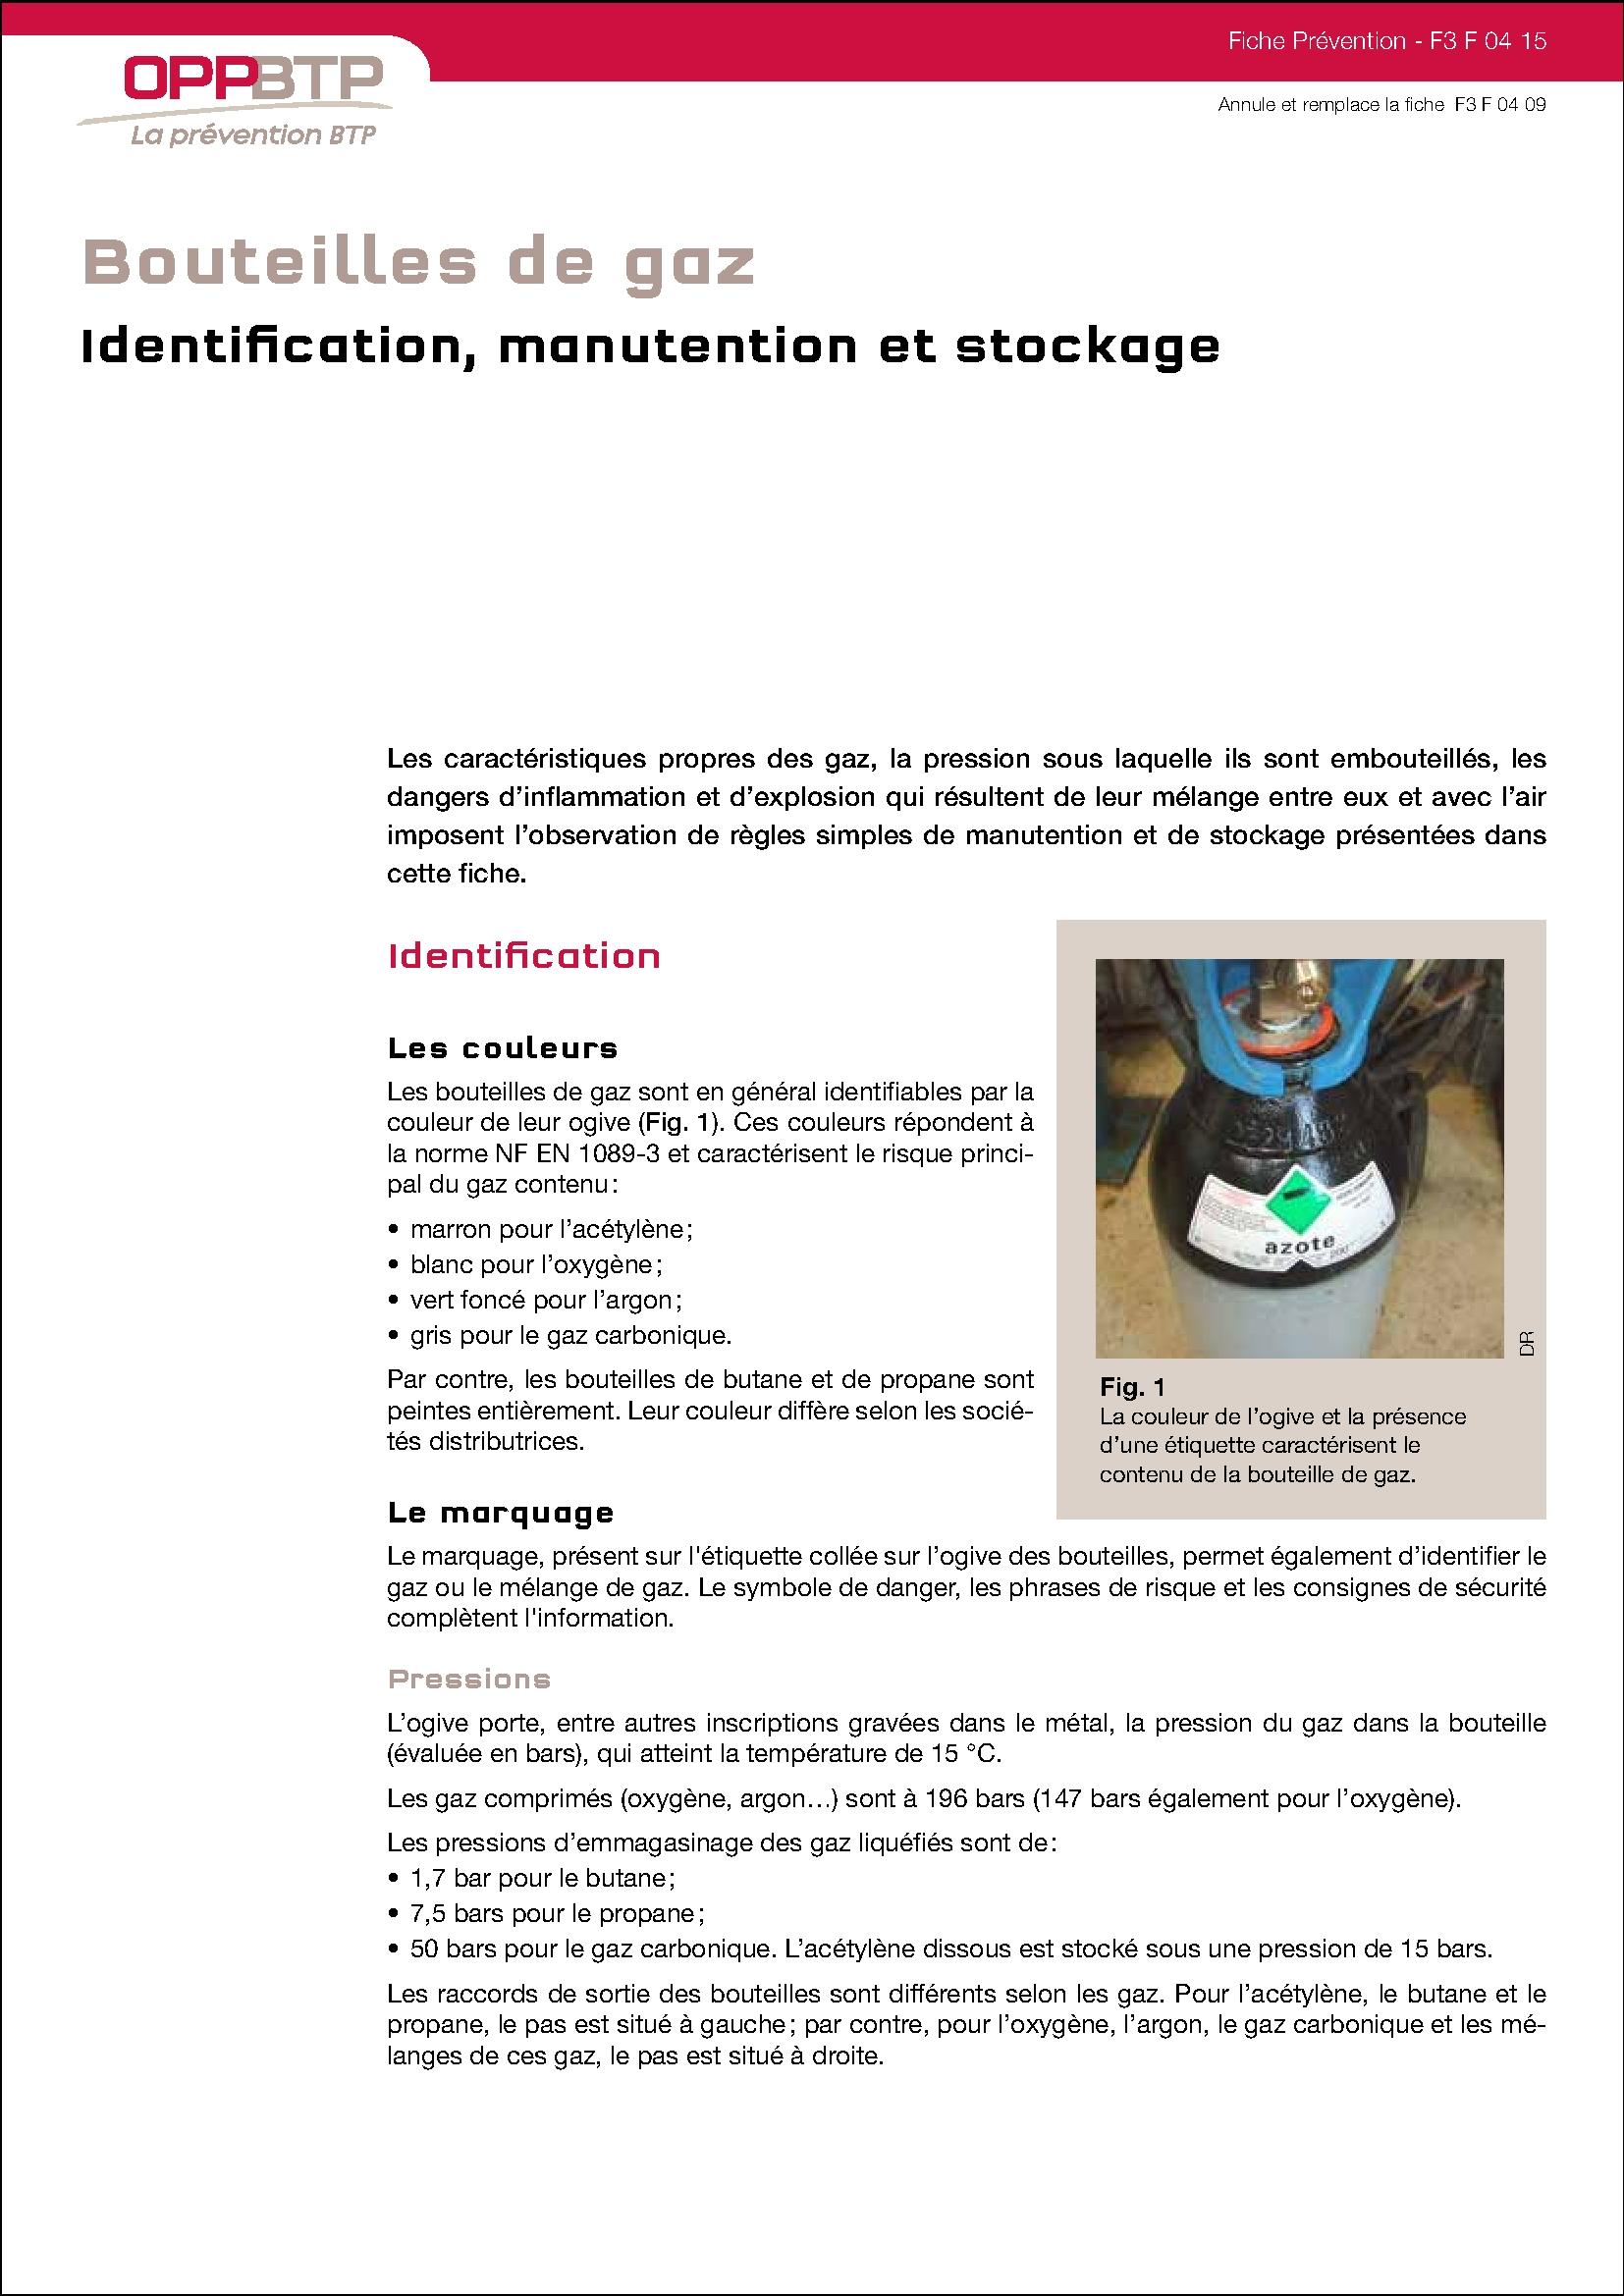 Le Gaz Butane dedans bouteilles de gaz : identification, manutention et stockage